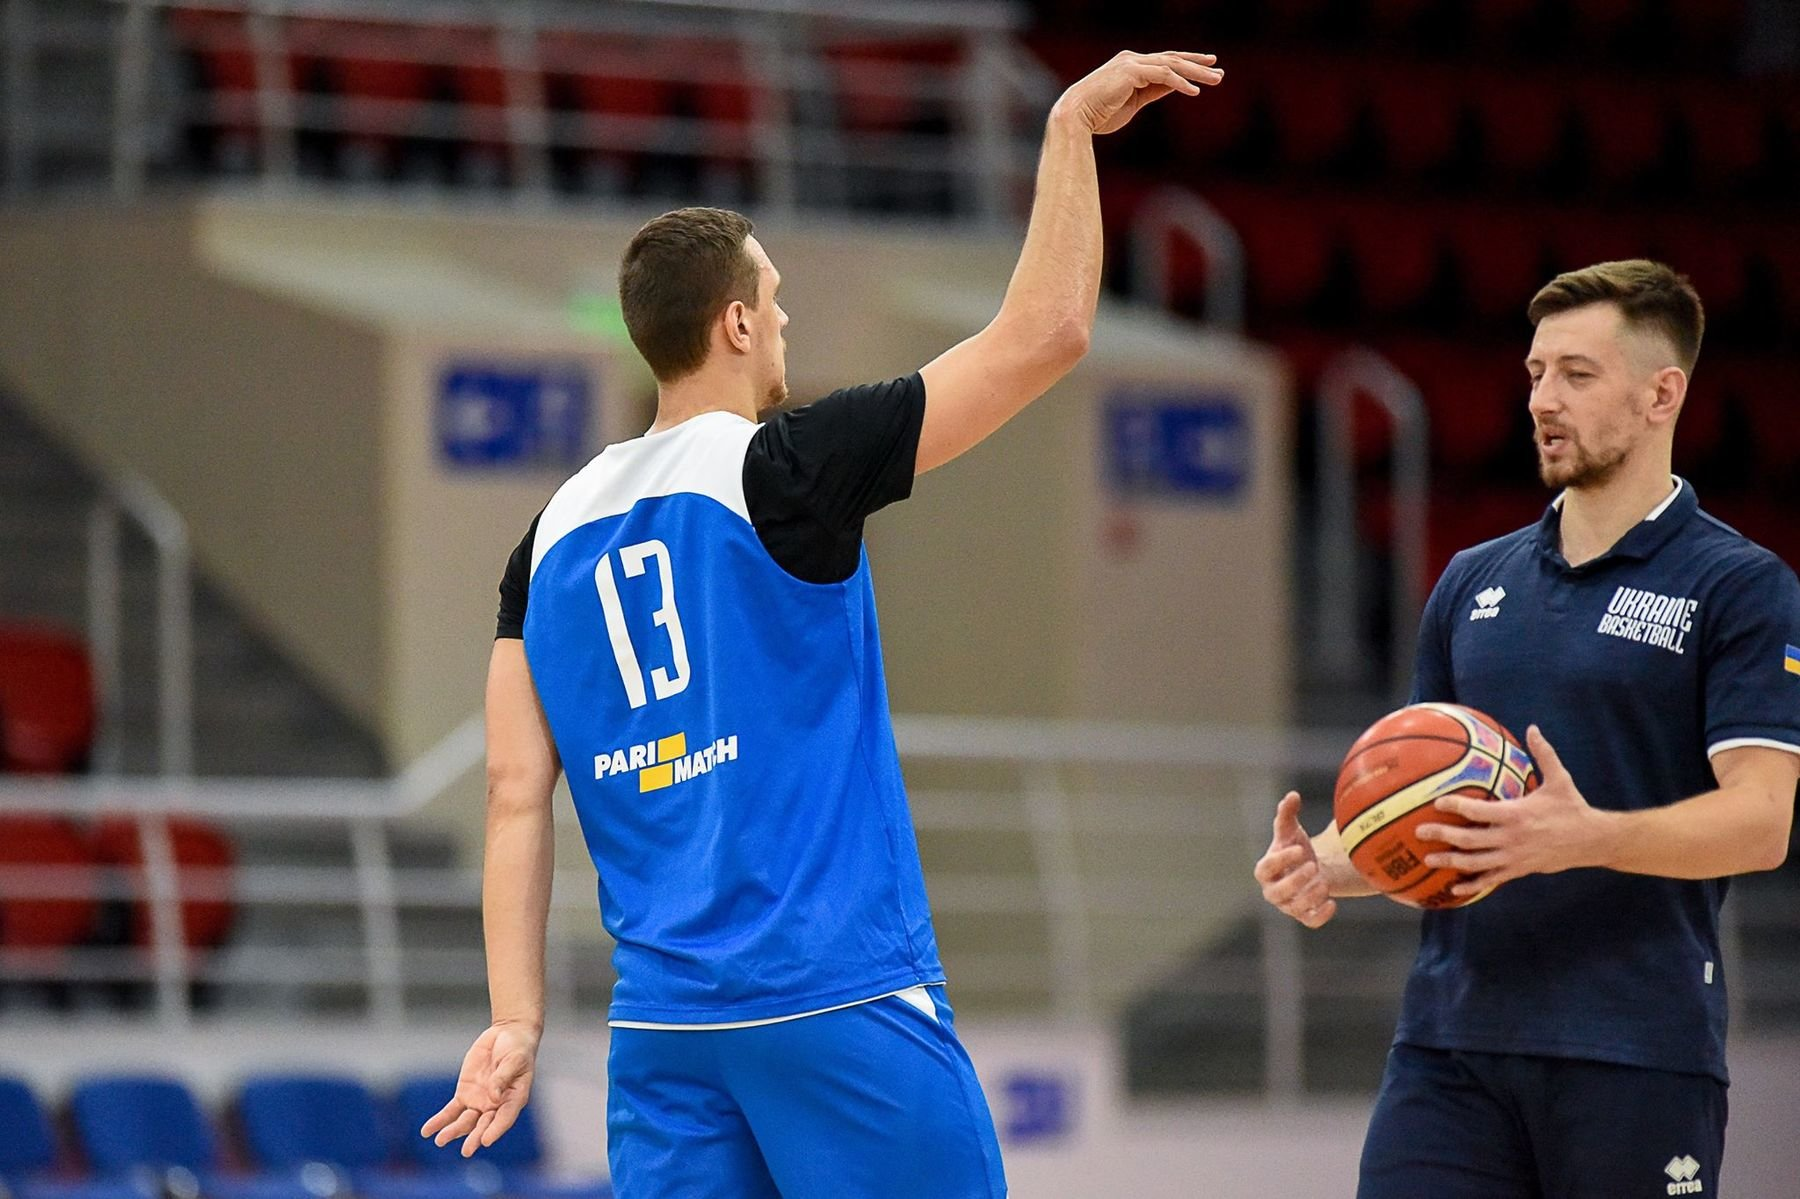 Украинская сборная по баскетболу готовится к матчу против Словении - европейцы в напряжении из-за военного положения, - ФОТО